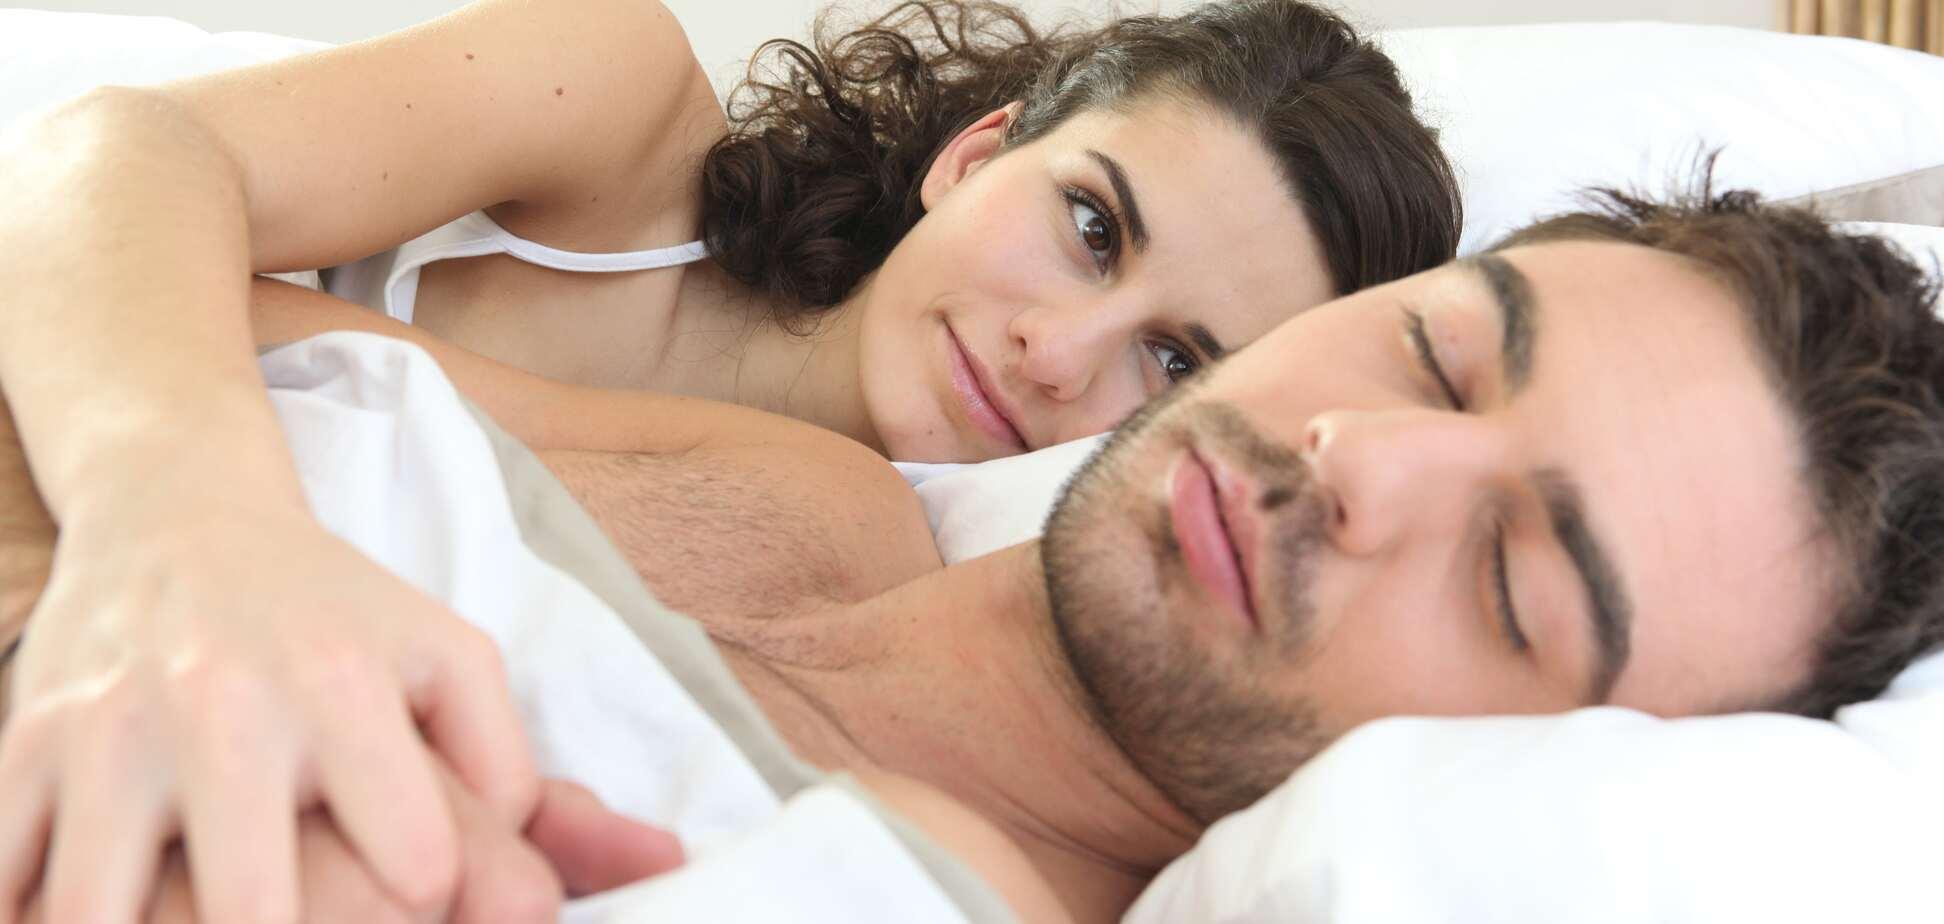 О чем думают мужчины и о чем думают женщины перед сном: ТОП мыслей